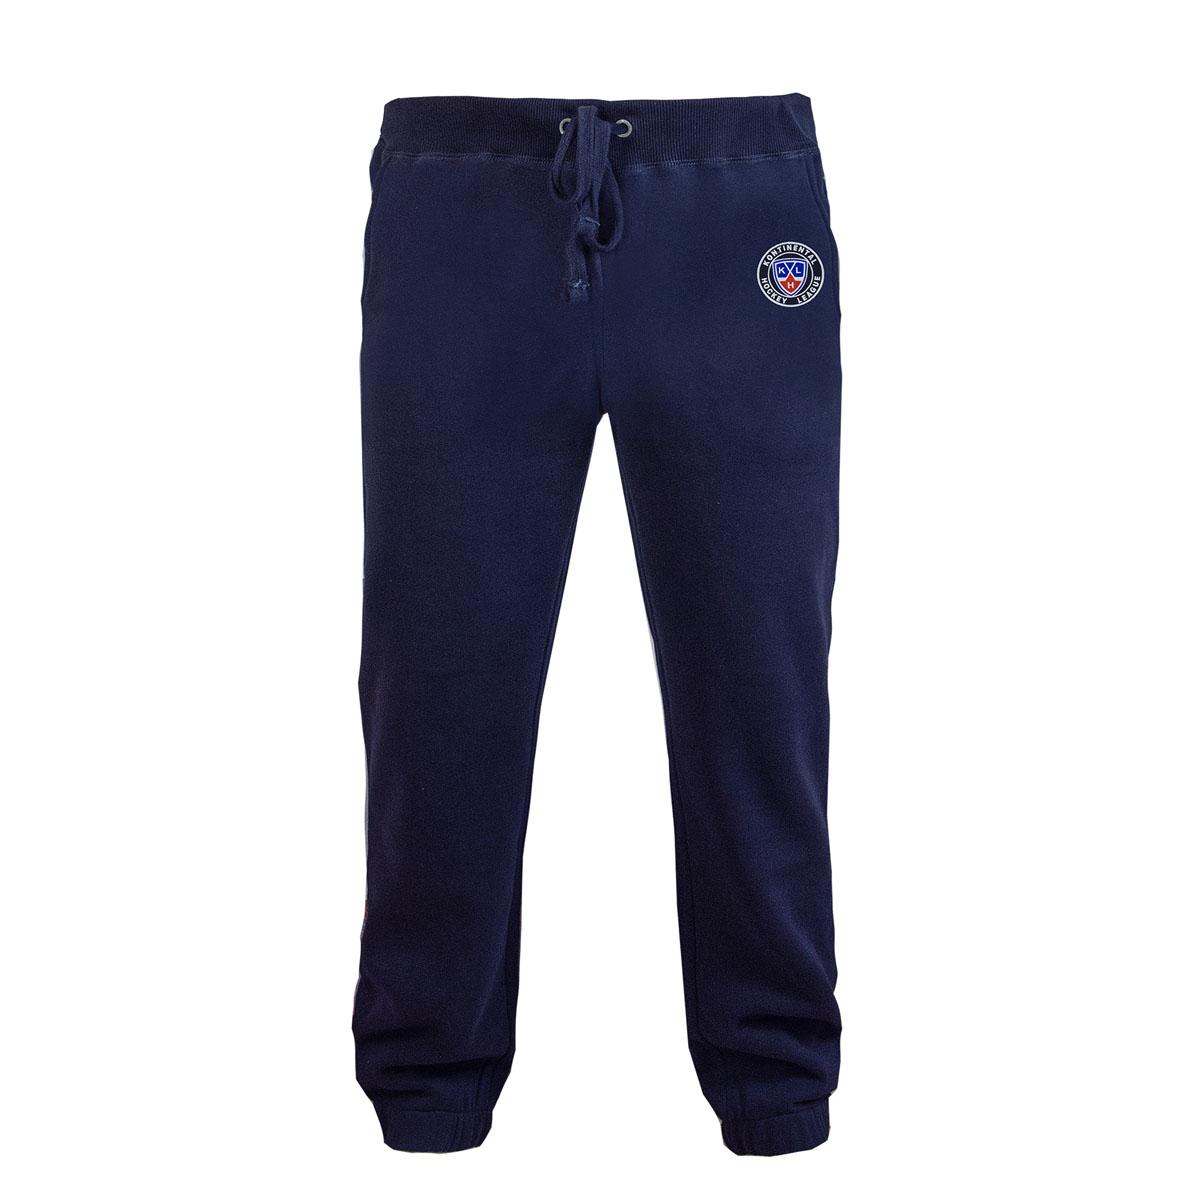 Брюки спортивные КХЛ, цвет: темно-синий. 320000. Размер S (46)320000Мужские спортивные брюки КХЛ, выполненные из хлопка с добавлением полиэстера, идеально подойдут дляактивного отдыха или занятий спортом. Материал очень мягкий и приятный на ощупь, не сковывает движений ипозволяет коже дышать. Лицевая сторона изделия гладкая, изнаночная - с мягким теплым начесом. Эластичный пояс с затягивающимся шнурком позволяет отрегулировать посадку точно по фигуре. Спередирасположены два втачных кармана, сзади - один прорезной карман на липучке. Низ брючин дополнен узкимитрикотажными манжетами. Изделие украшено нашивкой и аппликацией в виде логотипа КХЛ.Такая модель станет отличным дополнением к вашему гардеробу.